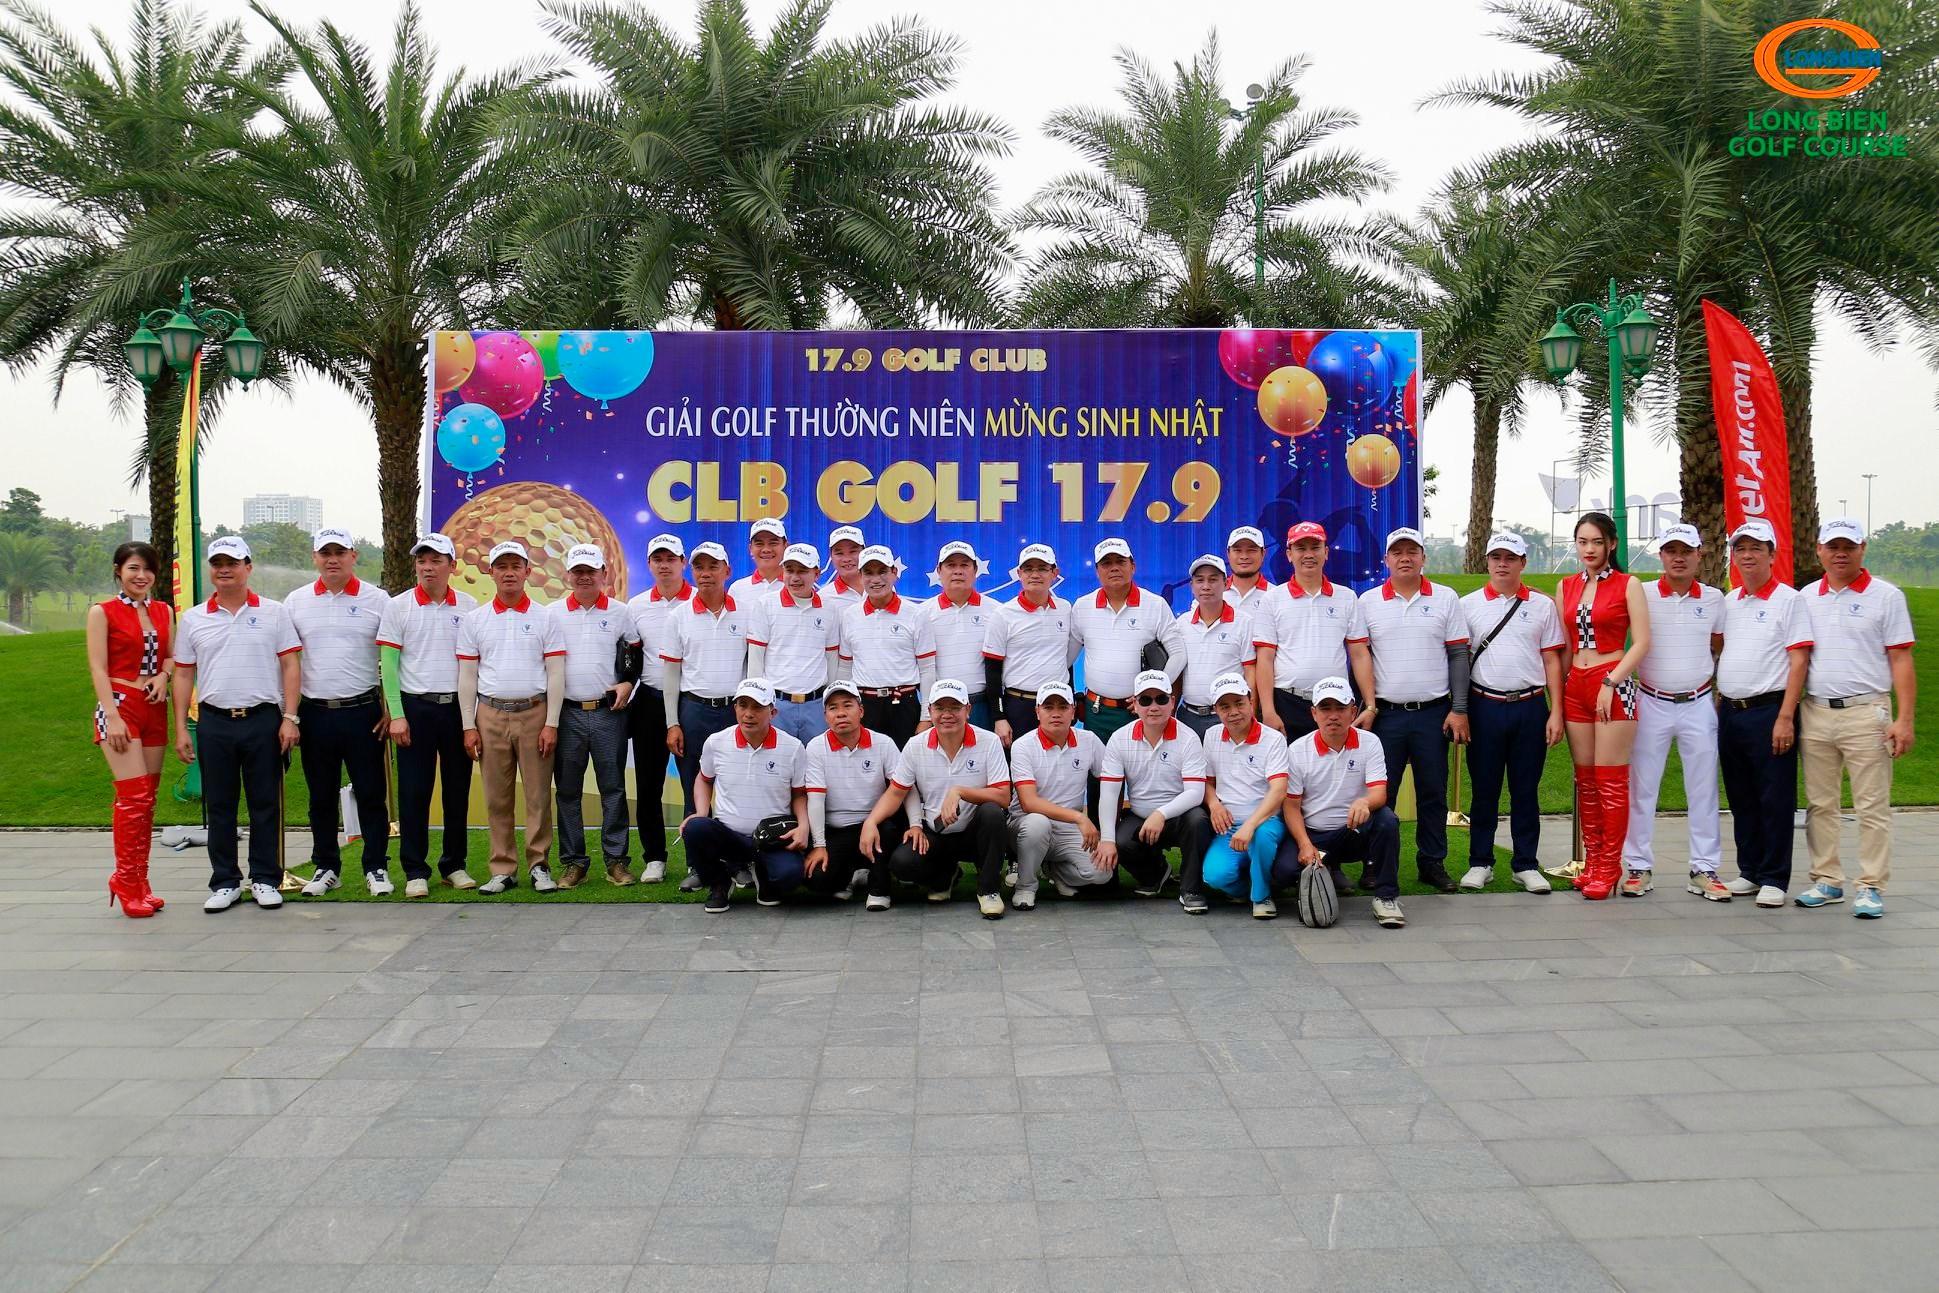 GIẢI GOLF THƯỜNG NIÊN MỪNG SINH NHẬT CLB 17.9